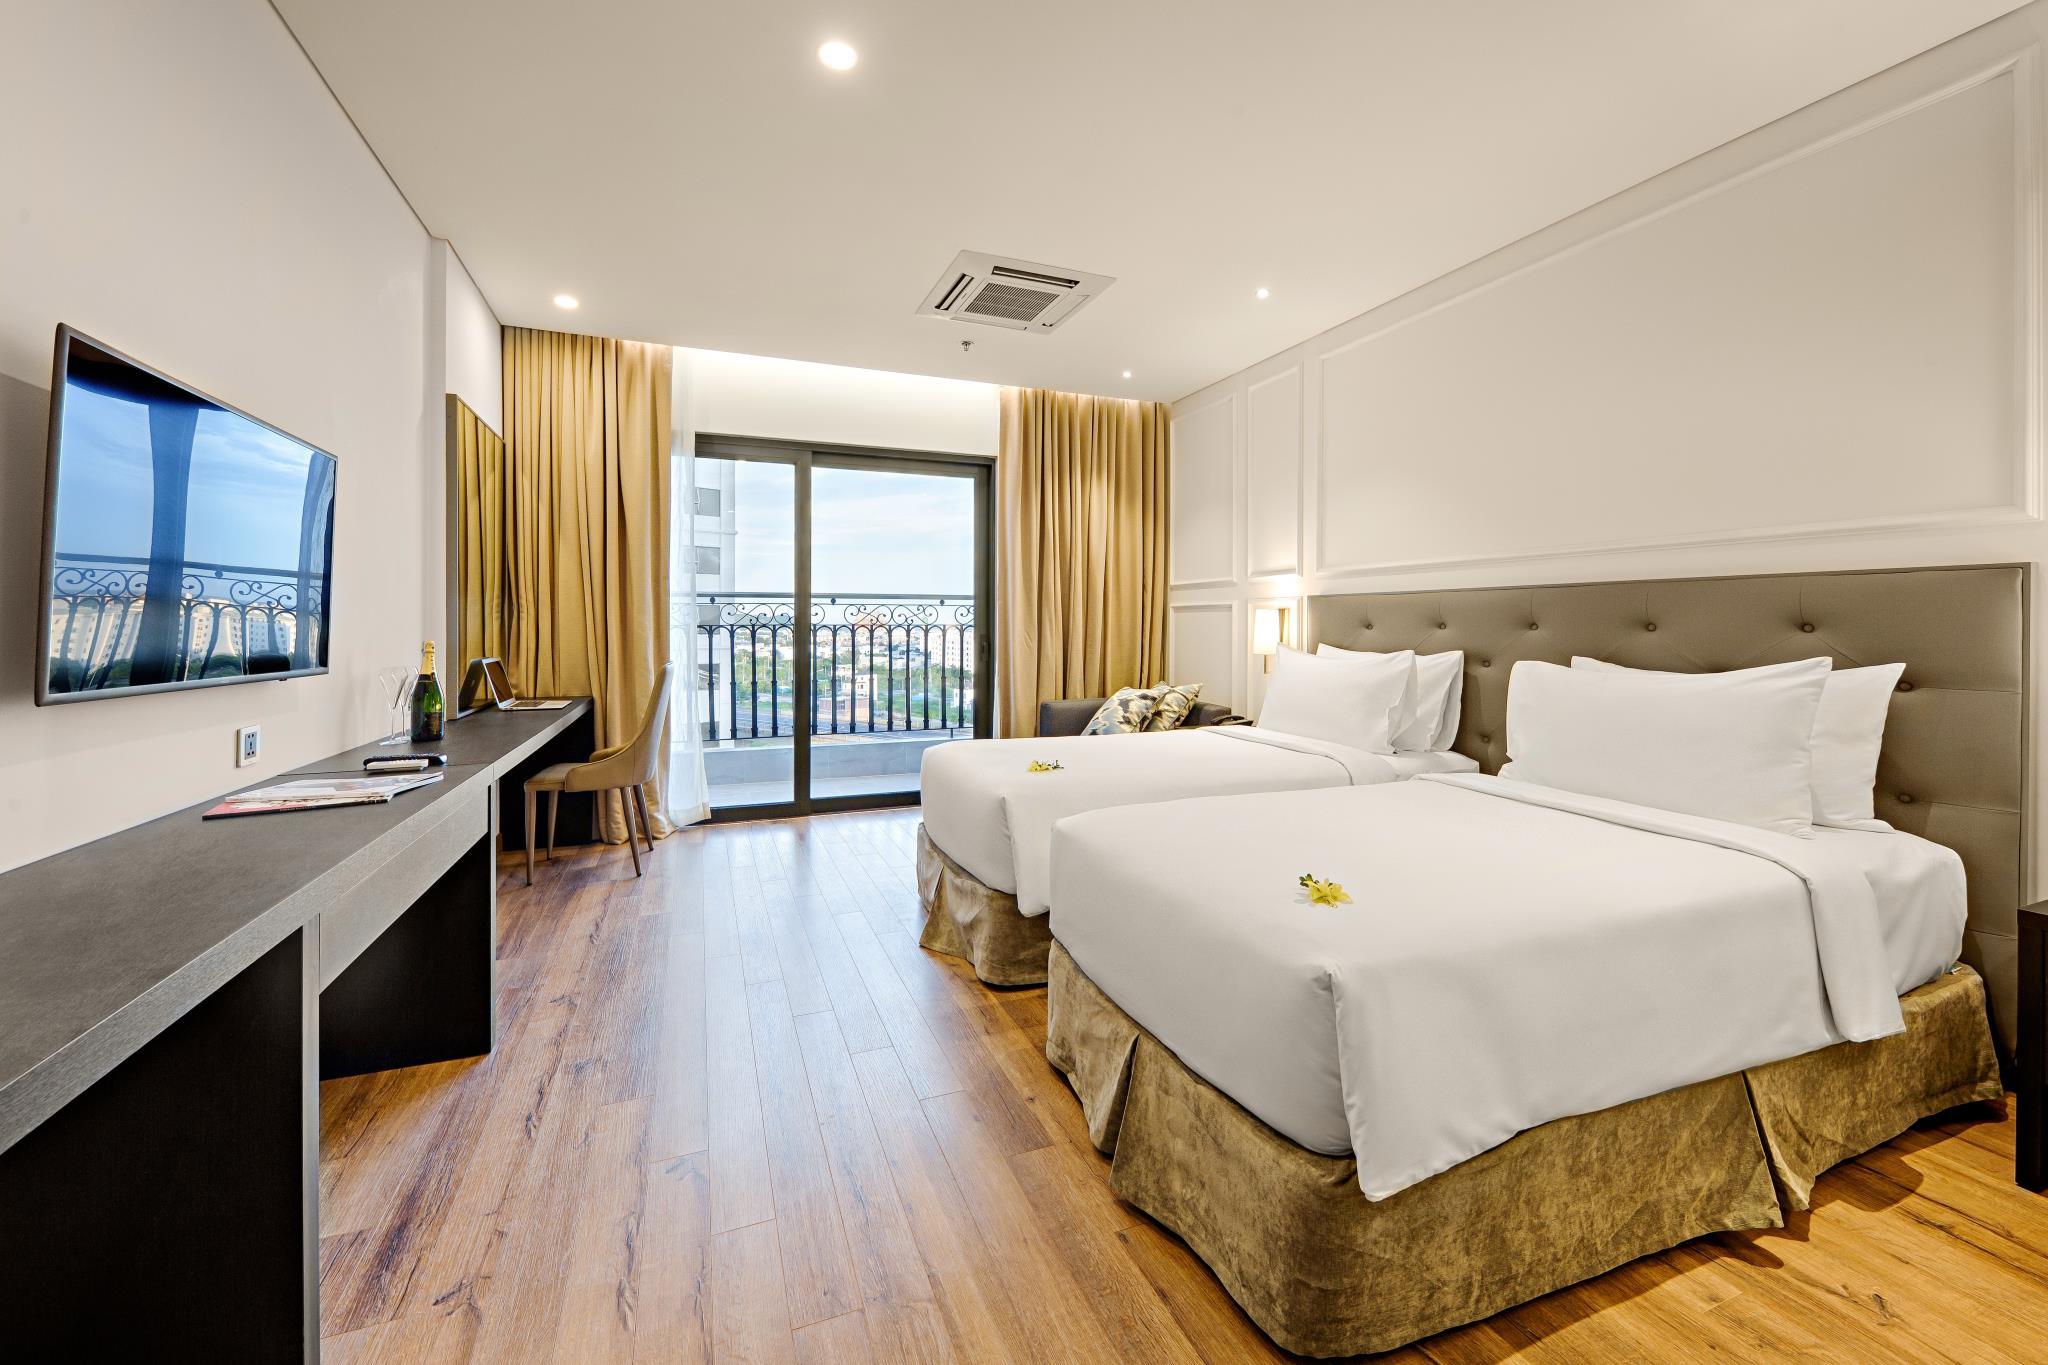 Khách sạn Danang Golden Bay | Đà Nẵng ƯU ĐÃI CẬP NHẬT NĂM 2020 ...